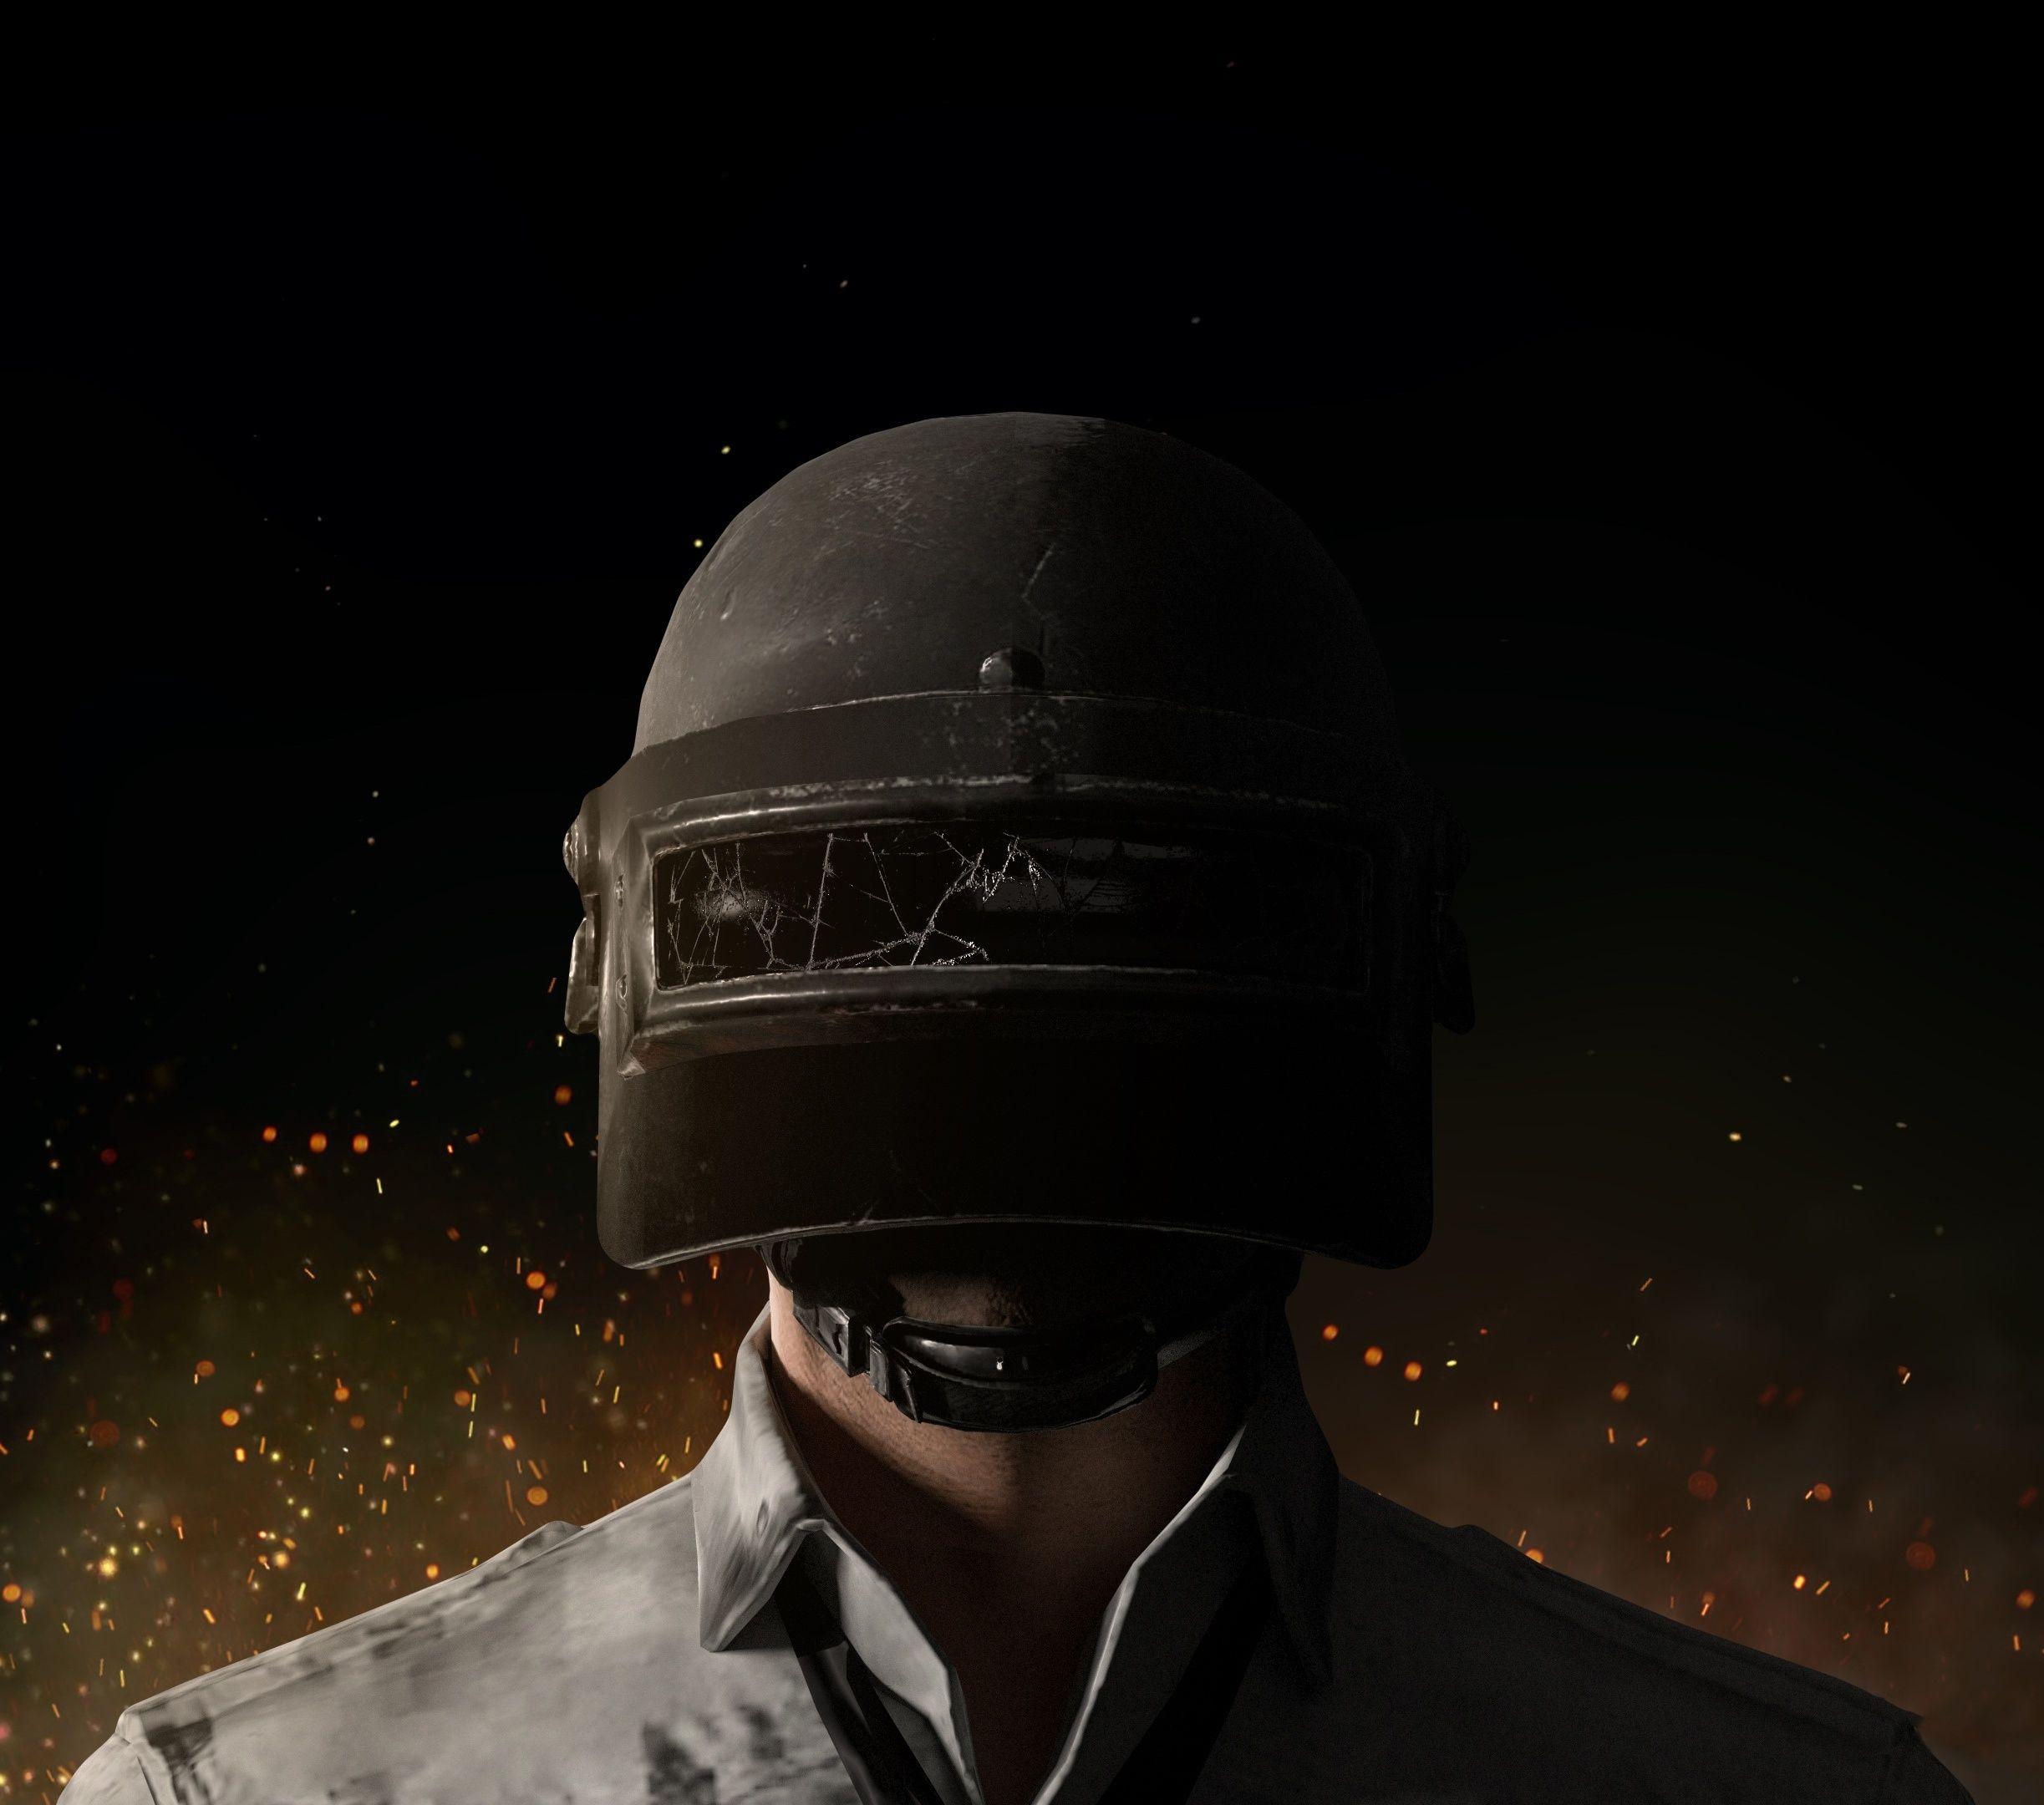 Downaload Pubg Helmet Guy Close Up Wallpaper 2446x2160 Pubg Helmet 4k Wallpaper For Mobile Up Wallpaper